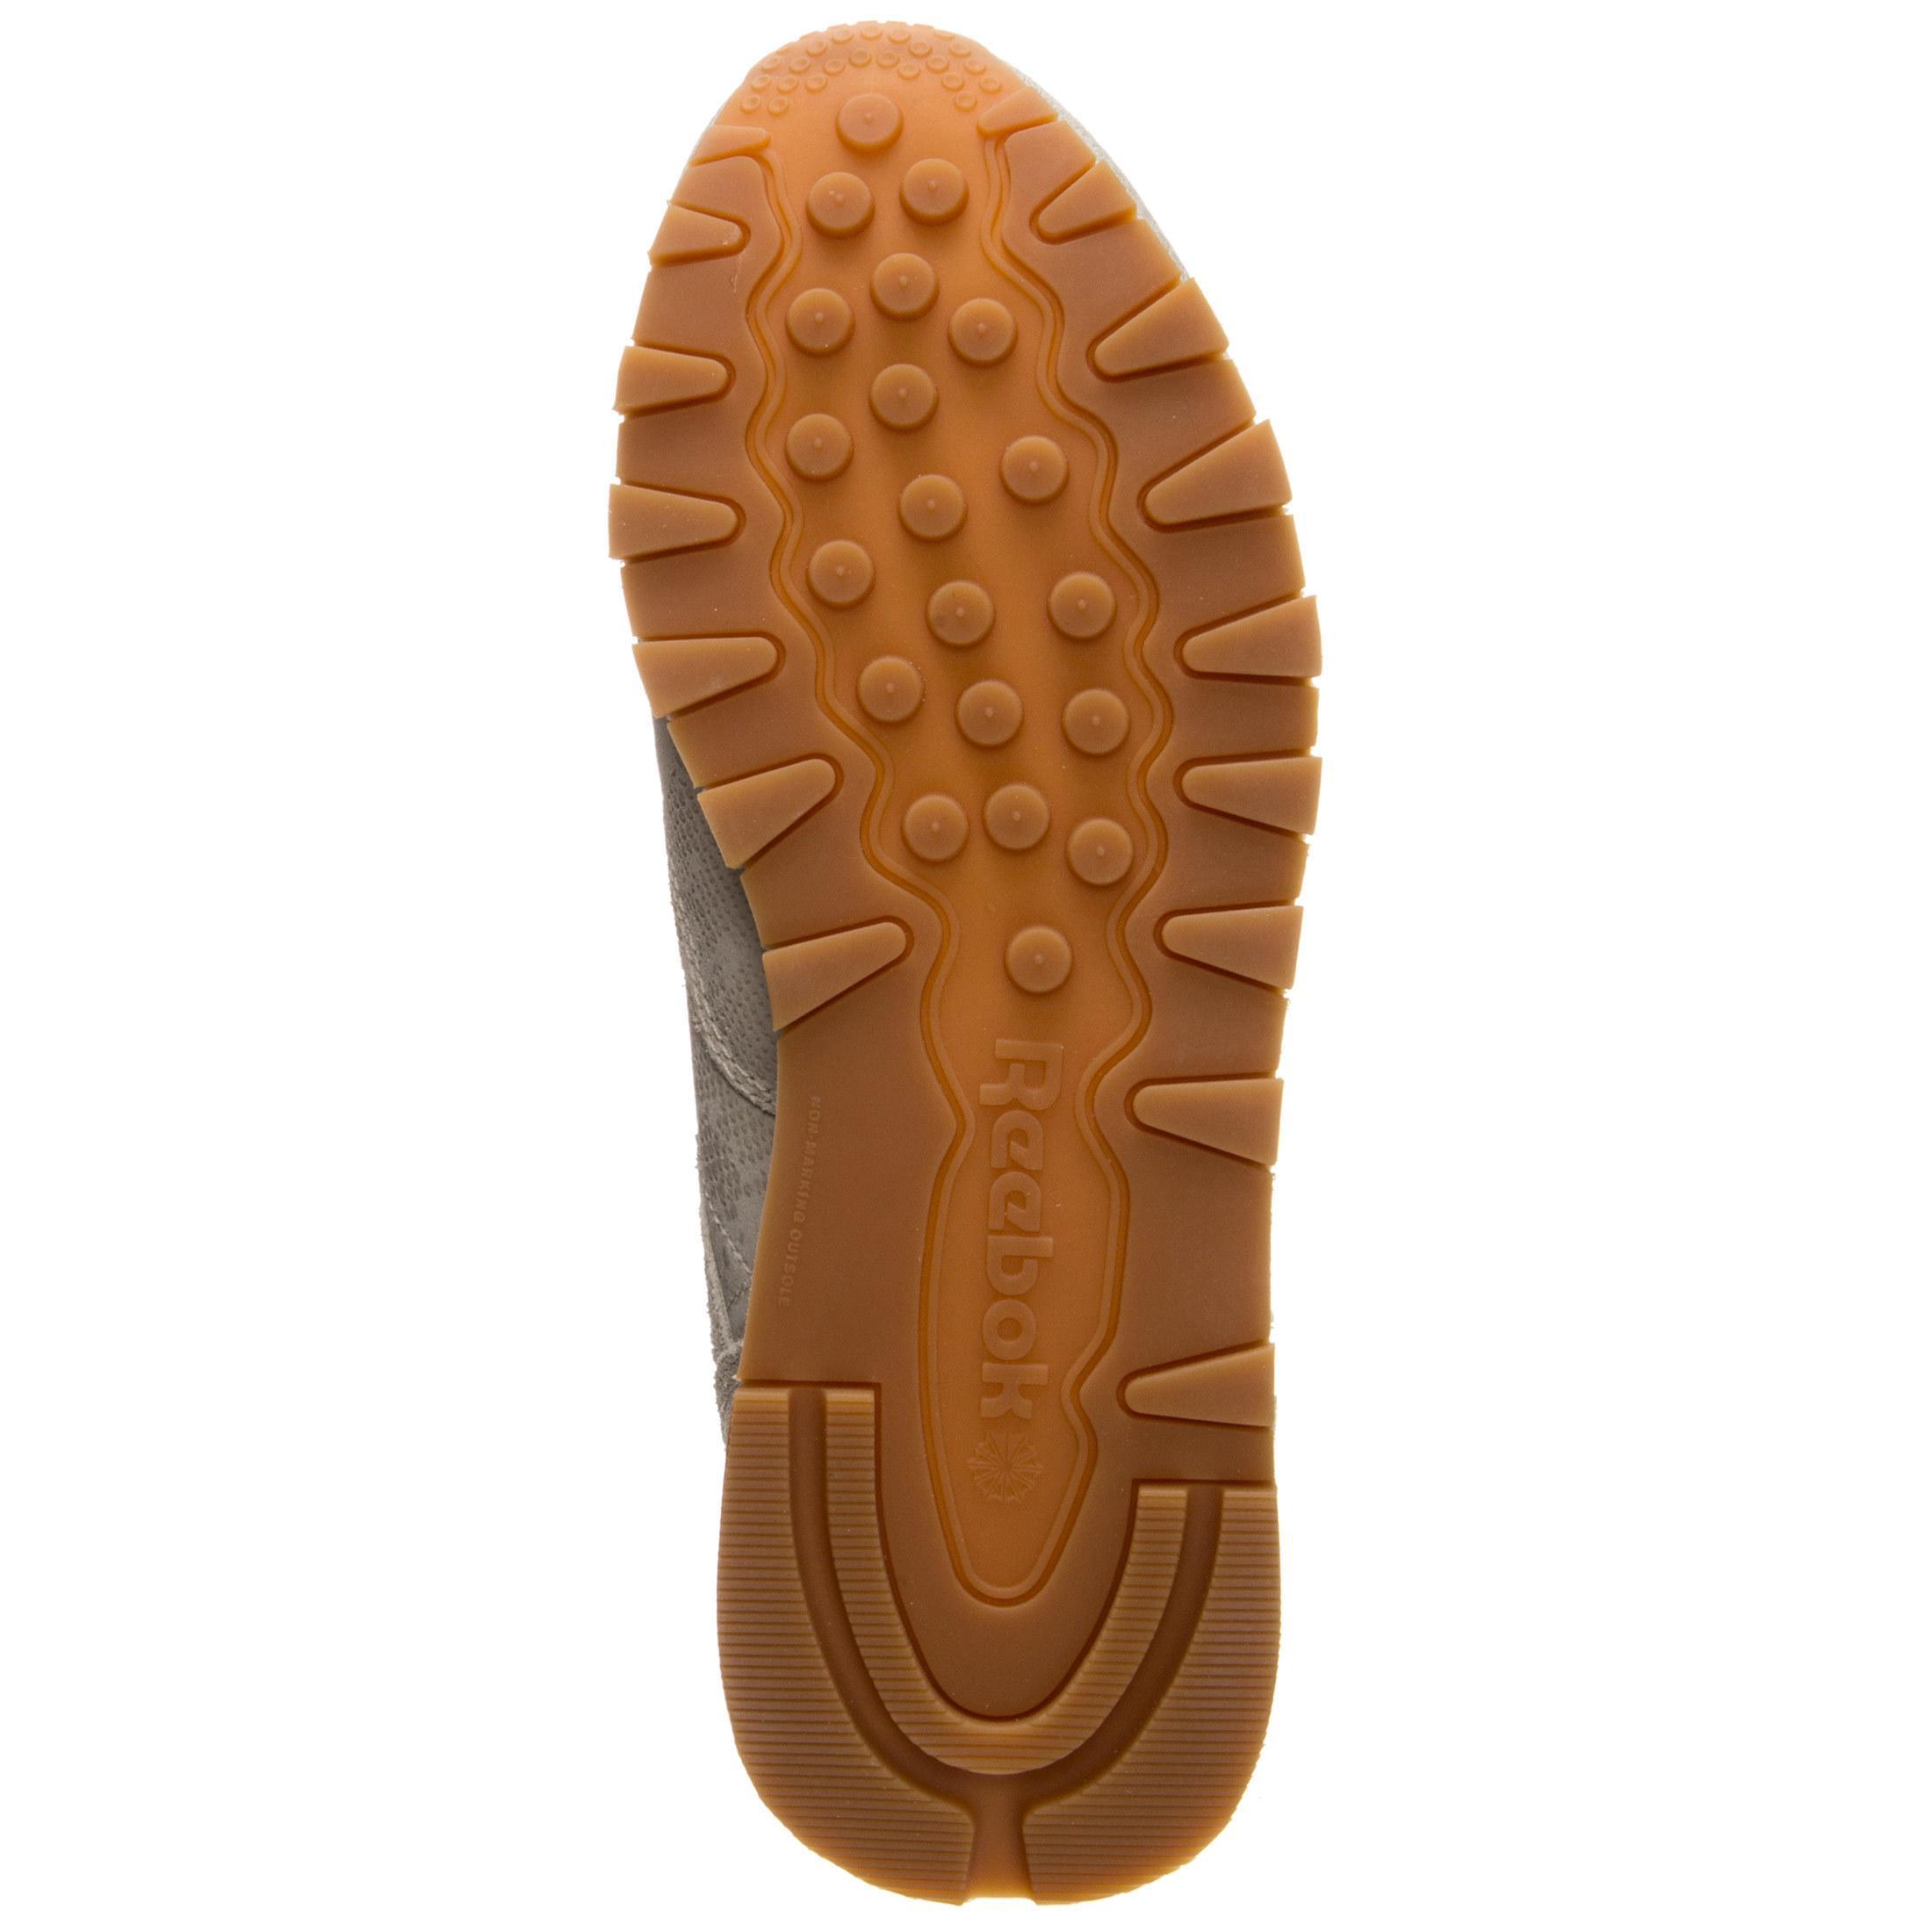 Reebok Classic im Leder Turnschuhe Damen beige im Classic Online Shop von SportScheck kaufen Gute Qualität beliebte Schuhe 110705